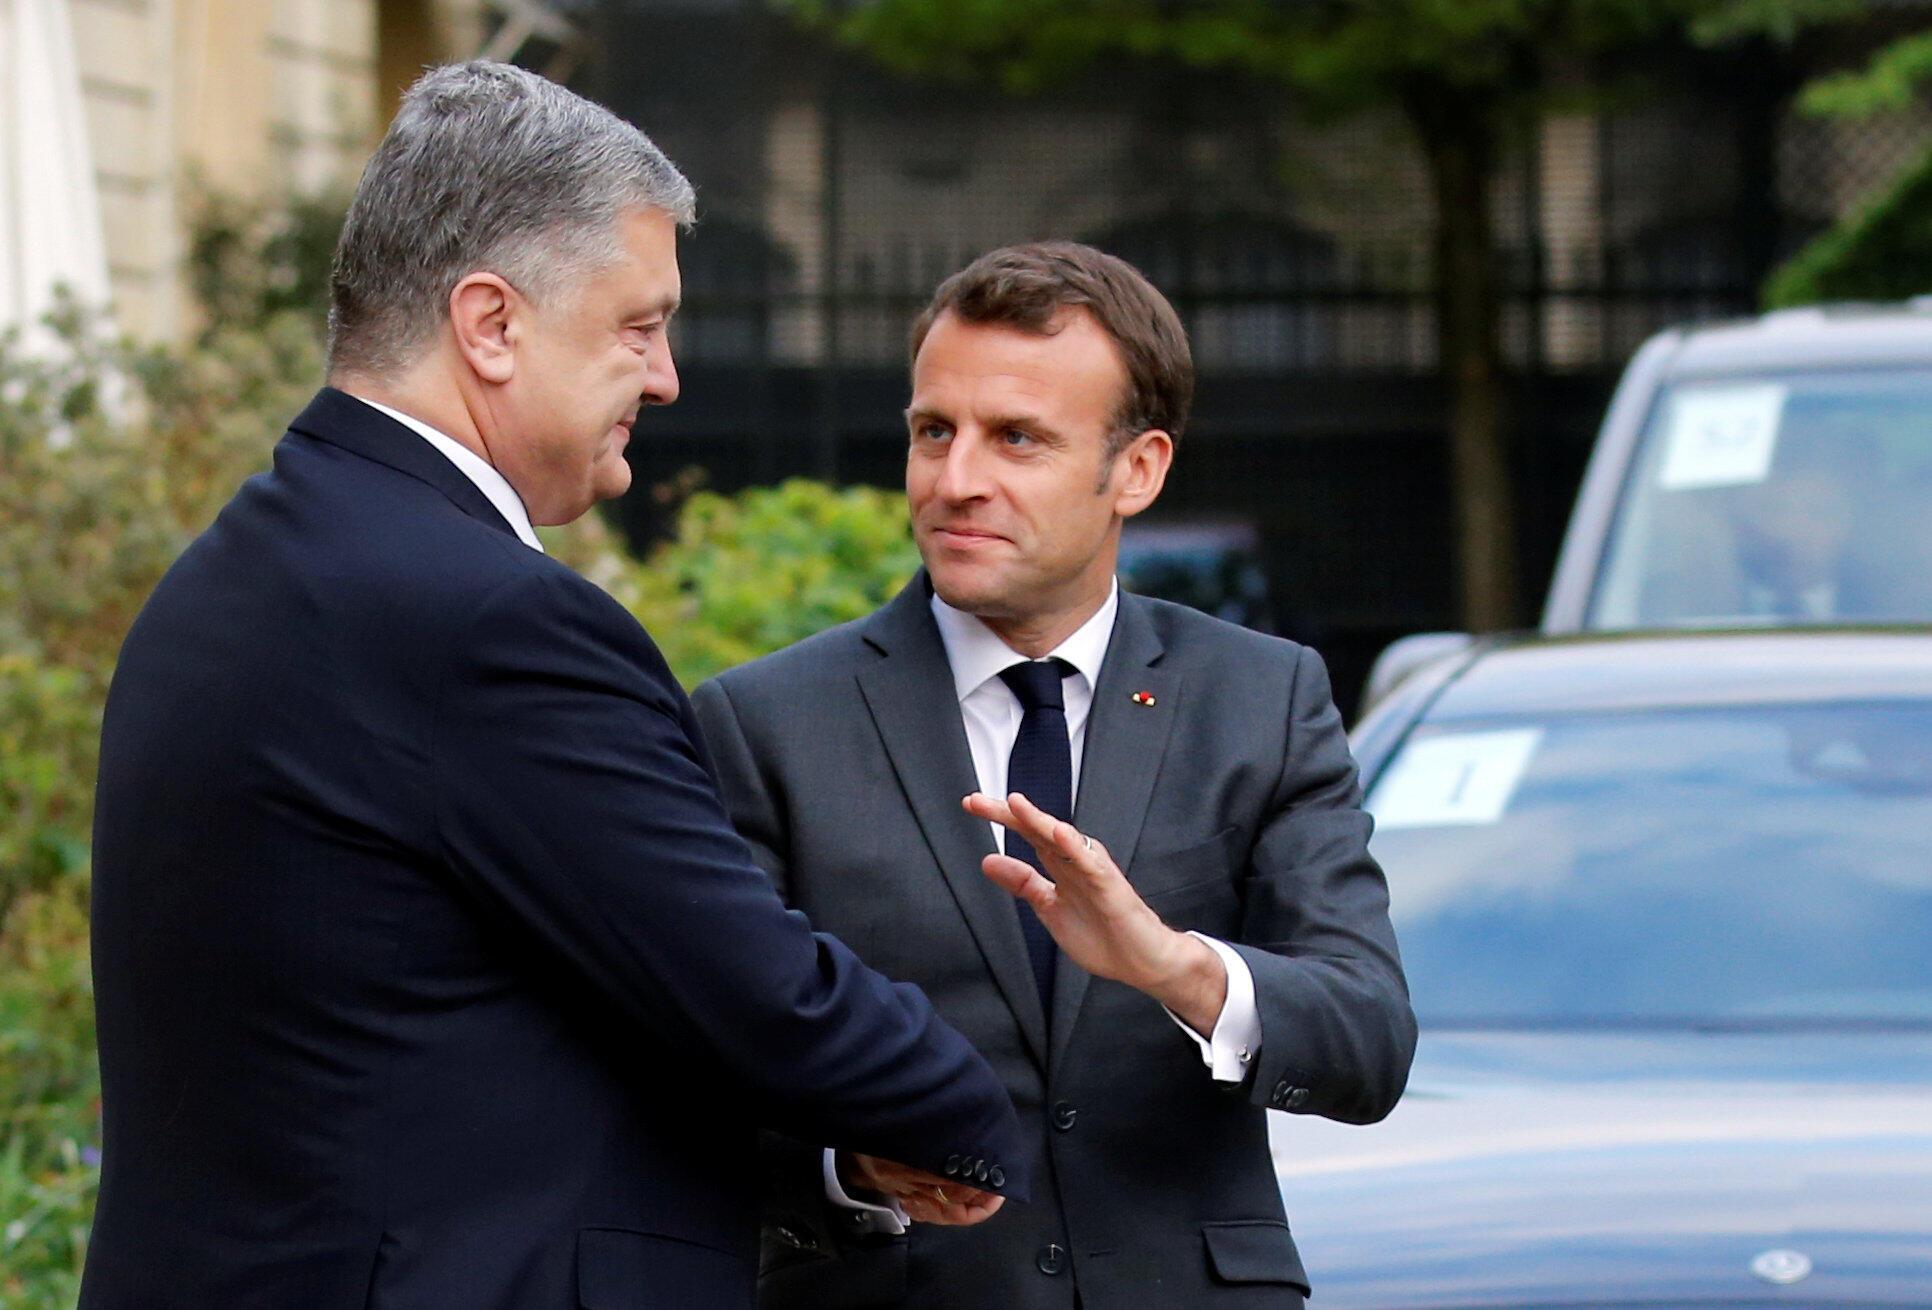 Встреча президентов Эмманюэля Макрона и Петра Порошенко в Елисейском дворце 12 апреля 2019